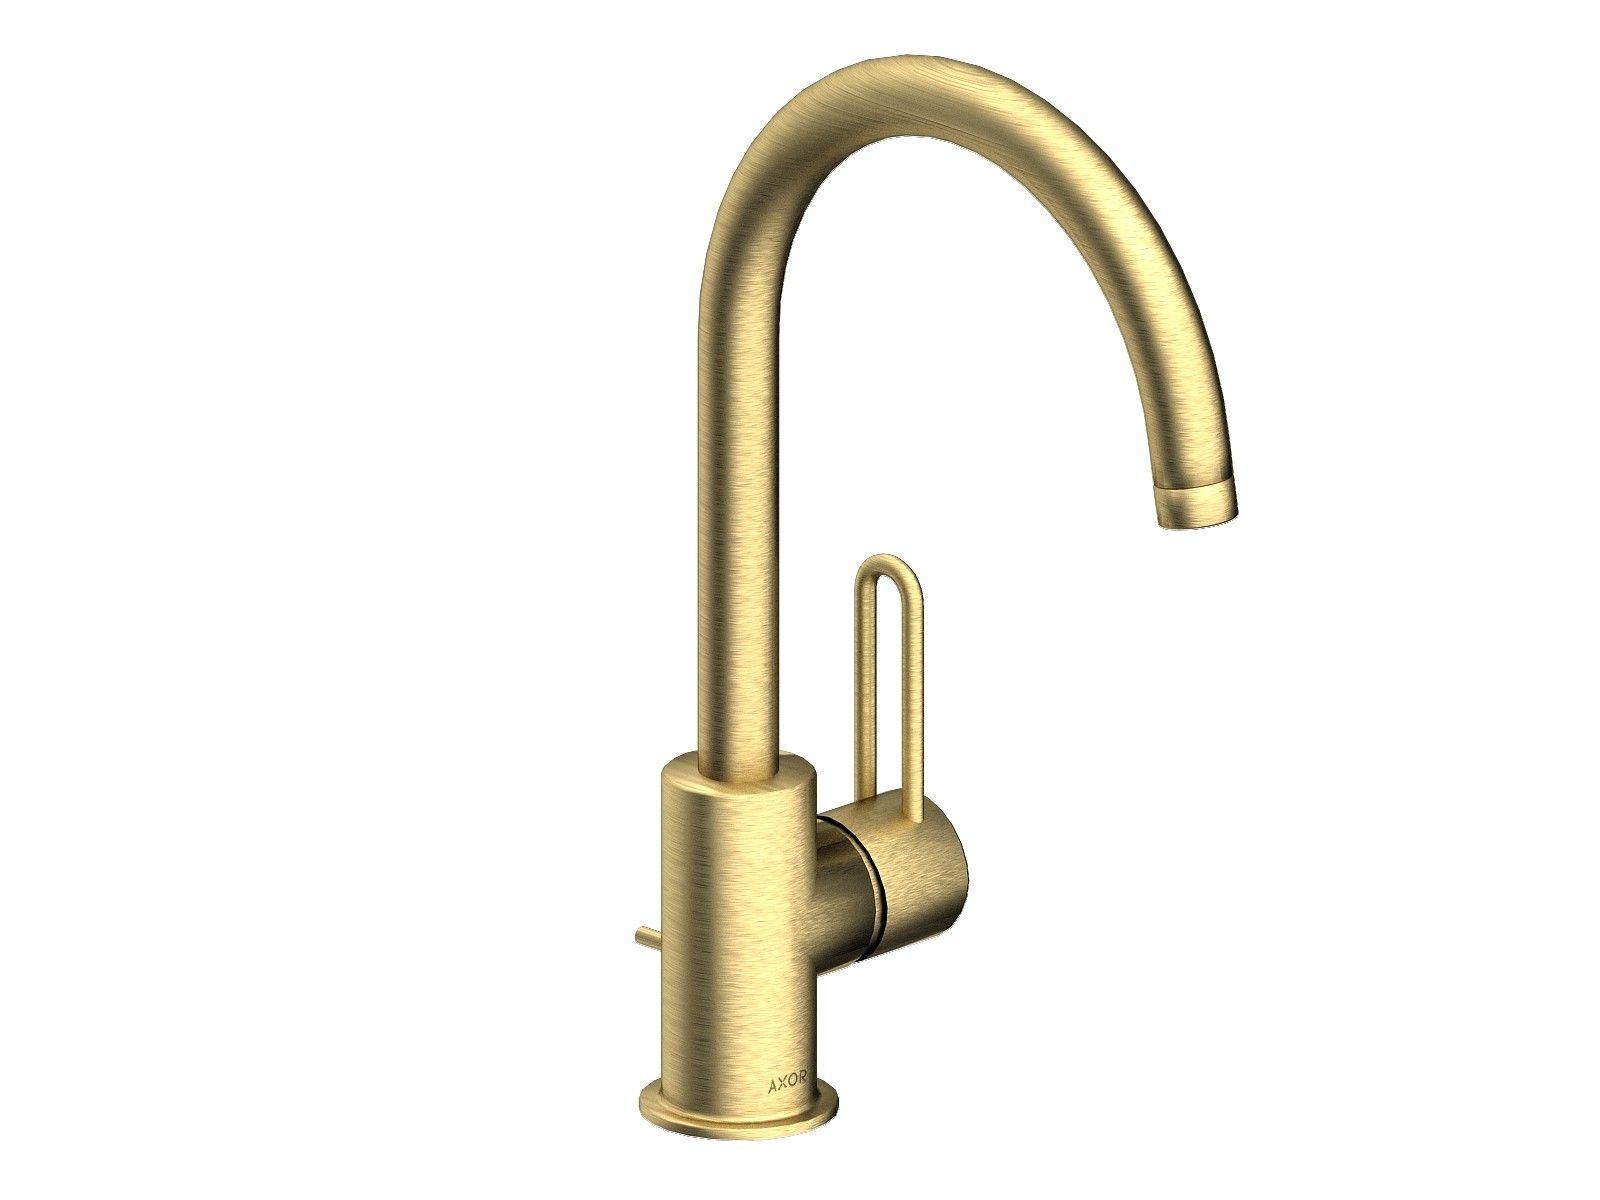 Hansgrohe Axor Uno² - Einhebel-Waschtischmischer mit Ablaufgarnitur Schwenkauslauf brushed brass